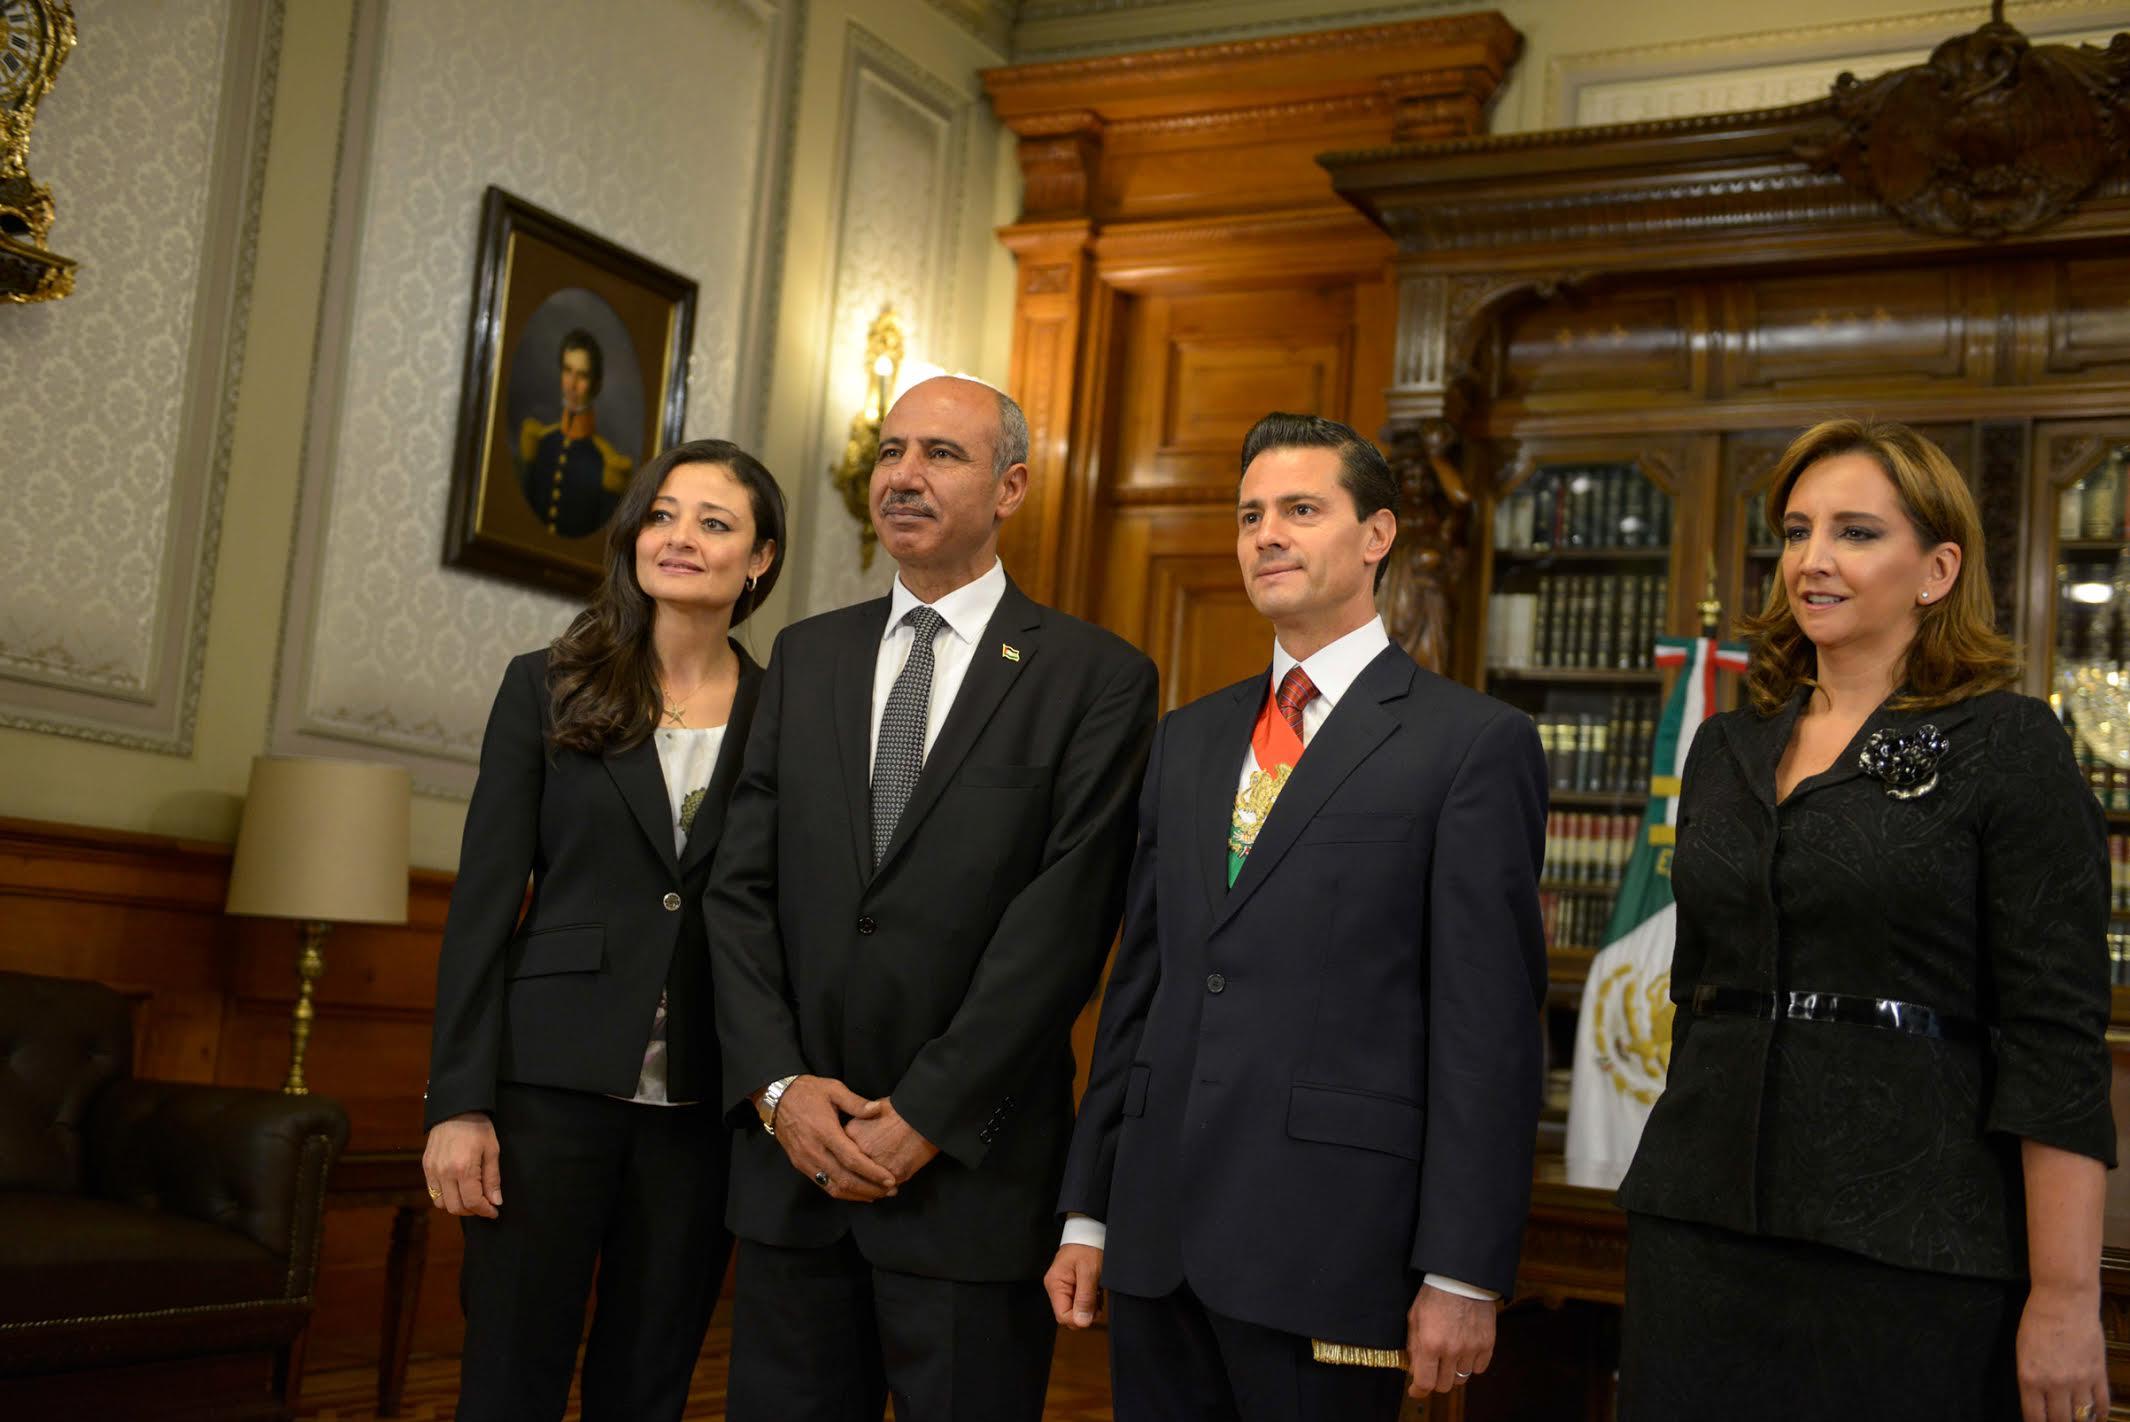 Los nuevos Embajadores iniciaron así sus actividades oficiales como representantes de sus naciones en México.